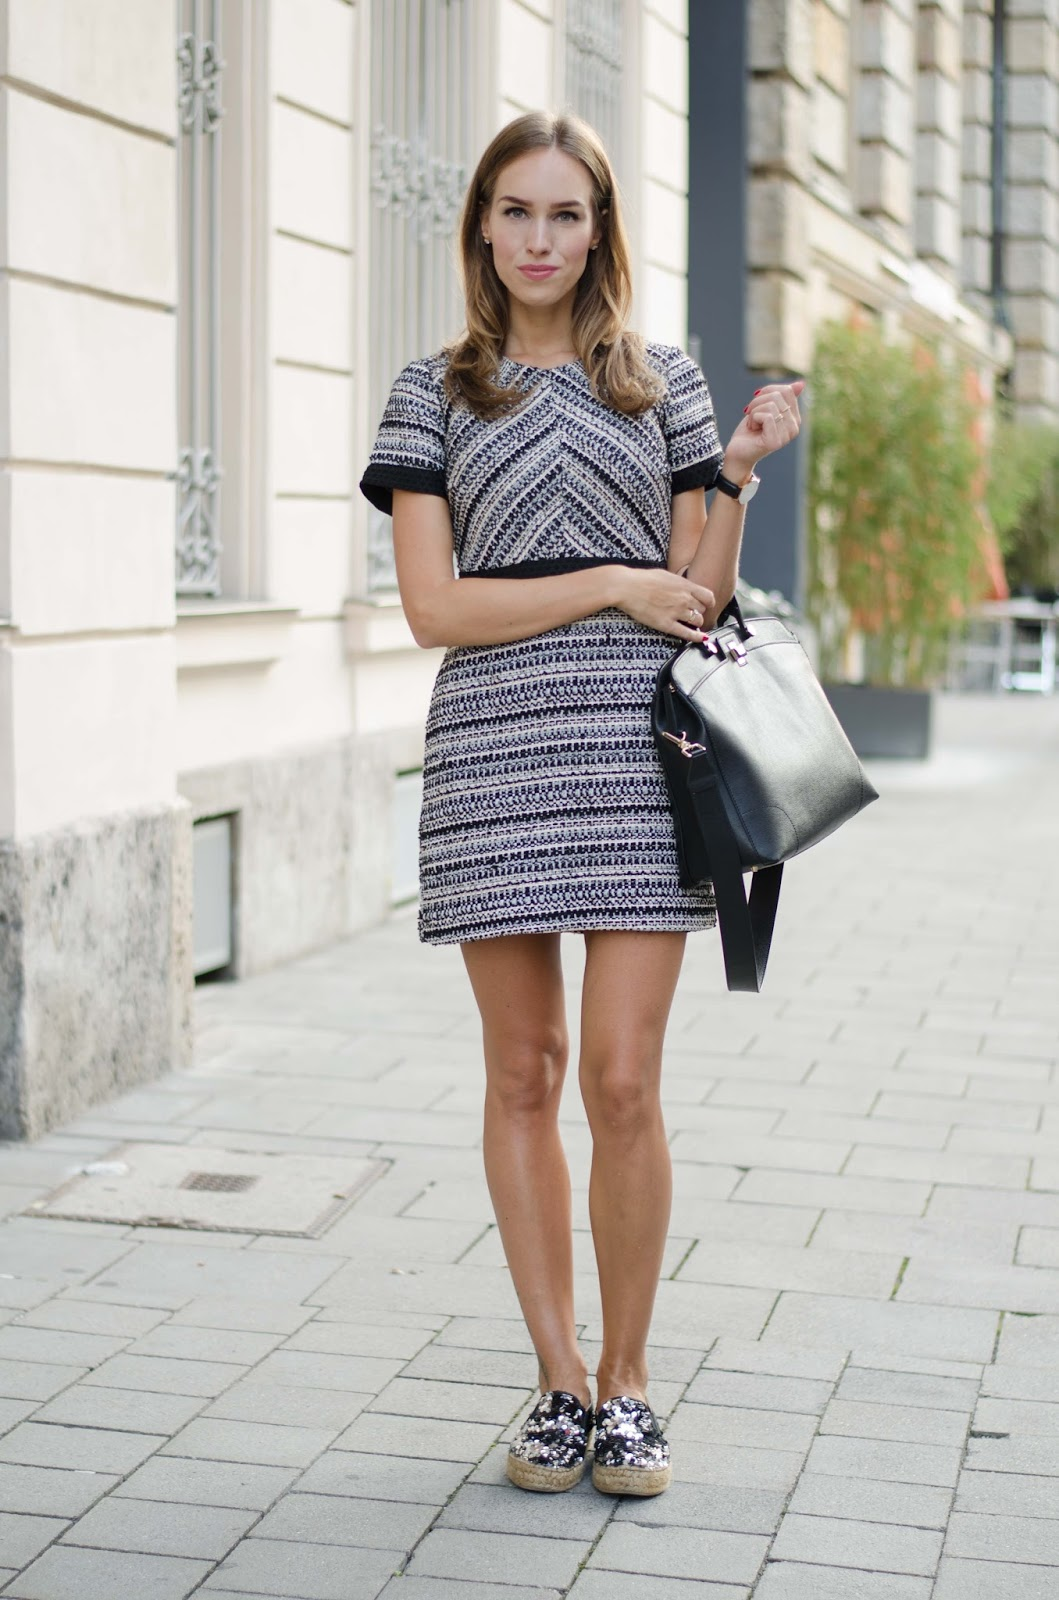 kristjaana mere mini dress fall outfit munich street style